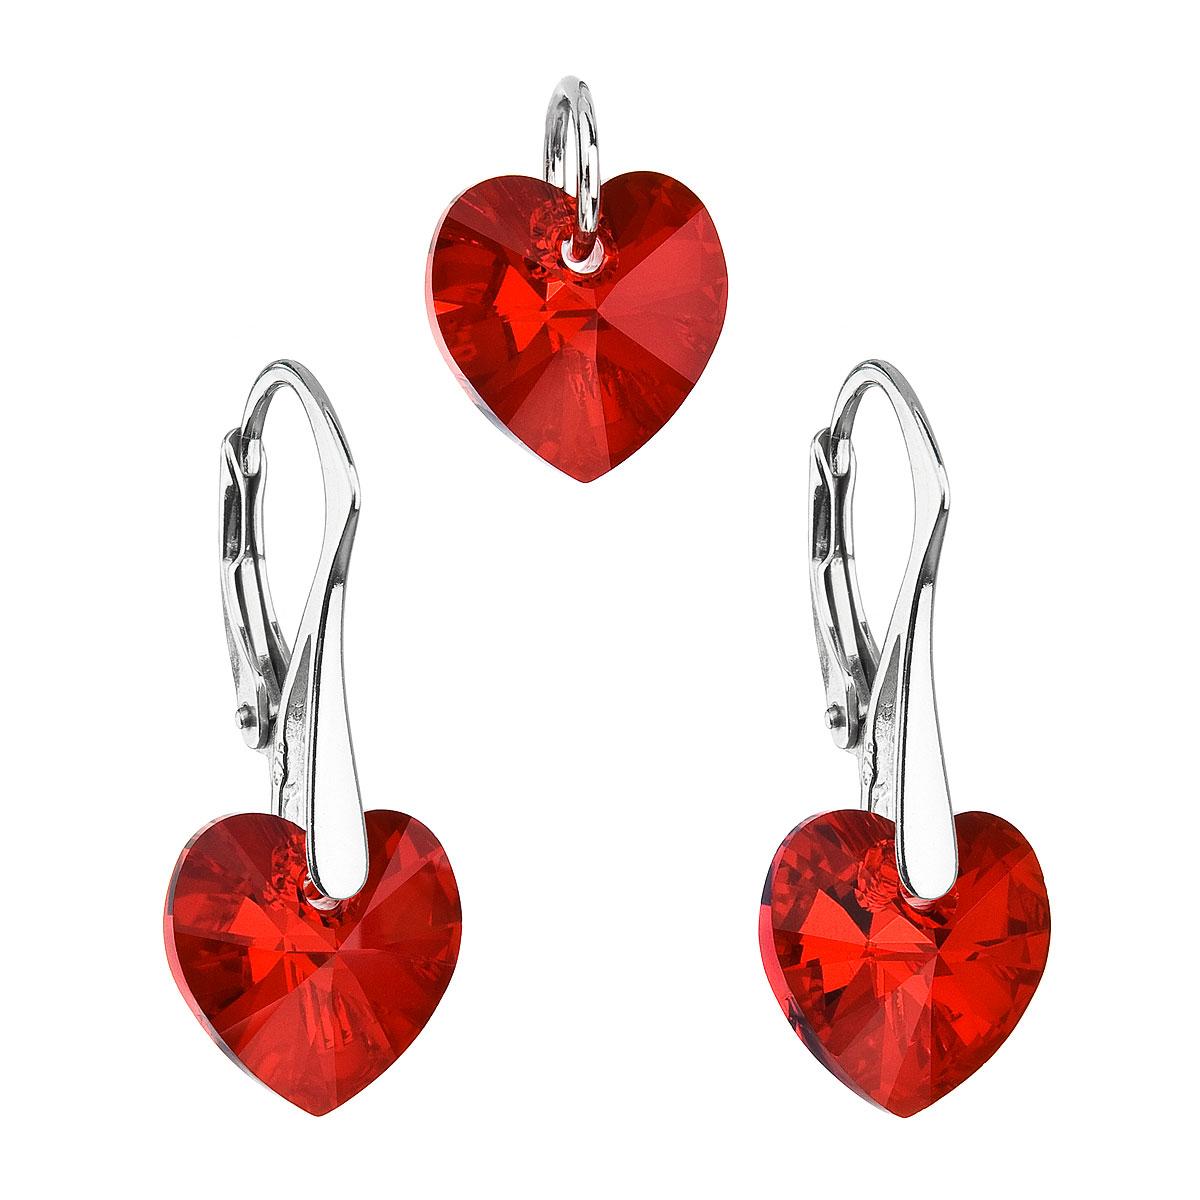 Sada šperkov s krištáľmi Swarovski náušnice a prívesok červené srdcia 39003.4